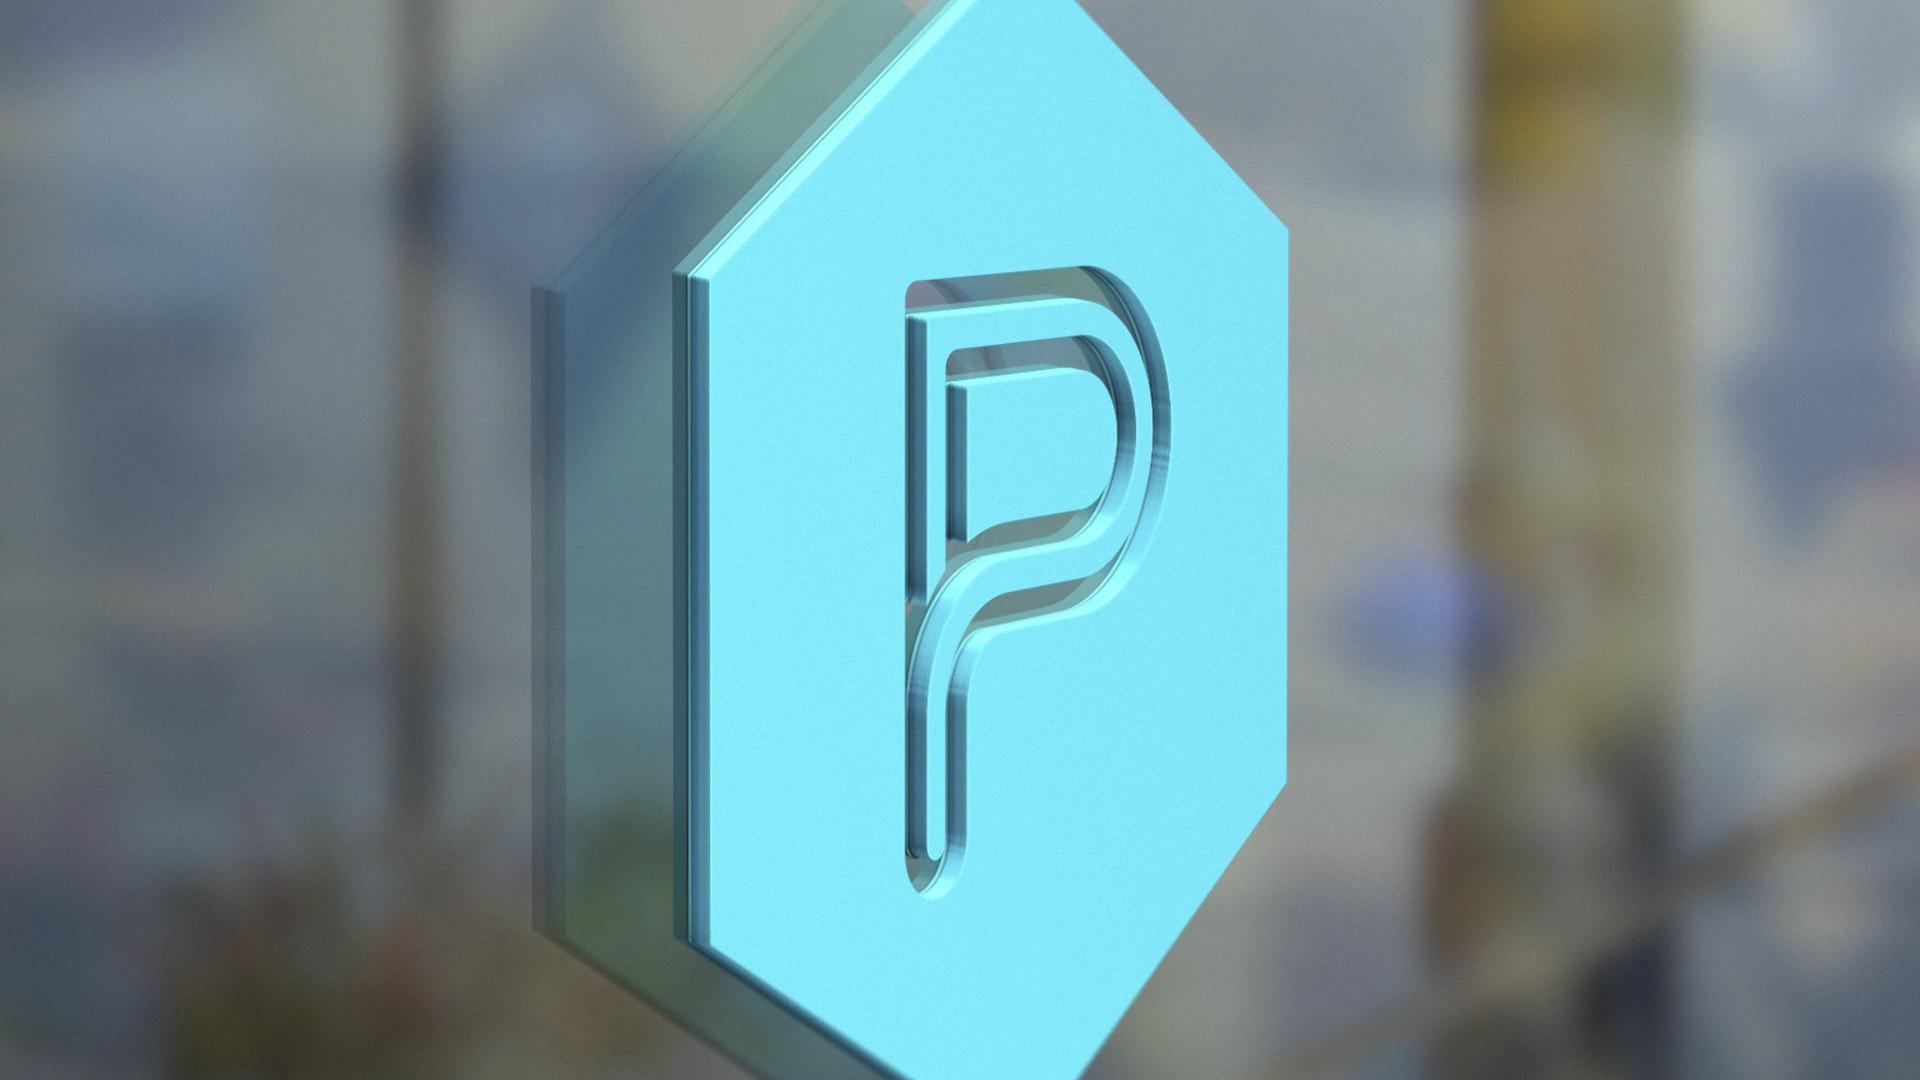 PP_SIGN.jpg